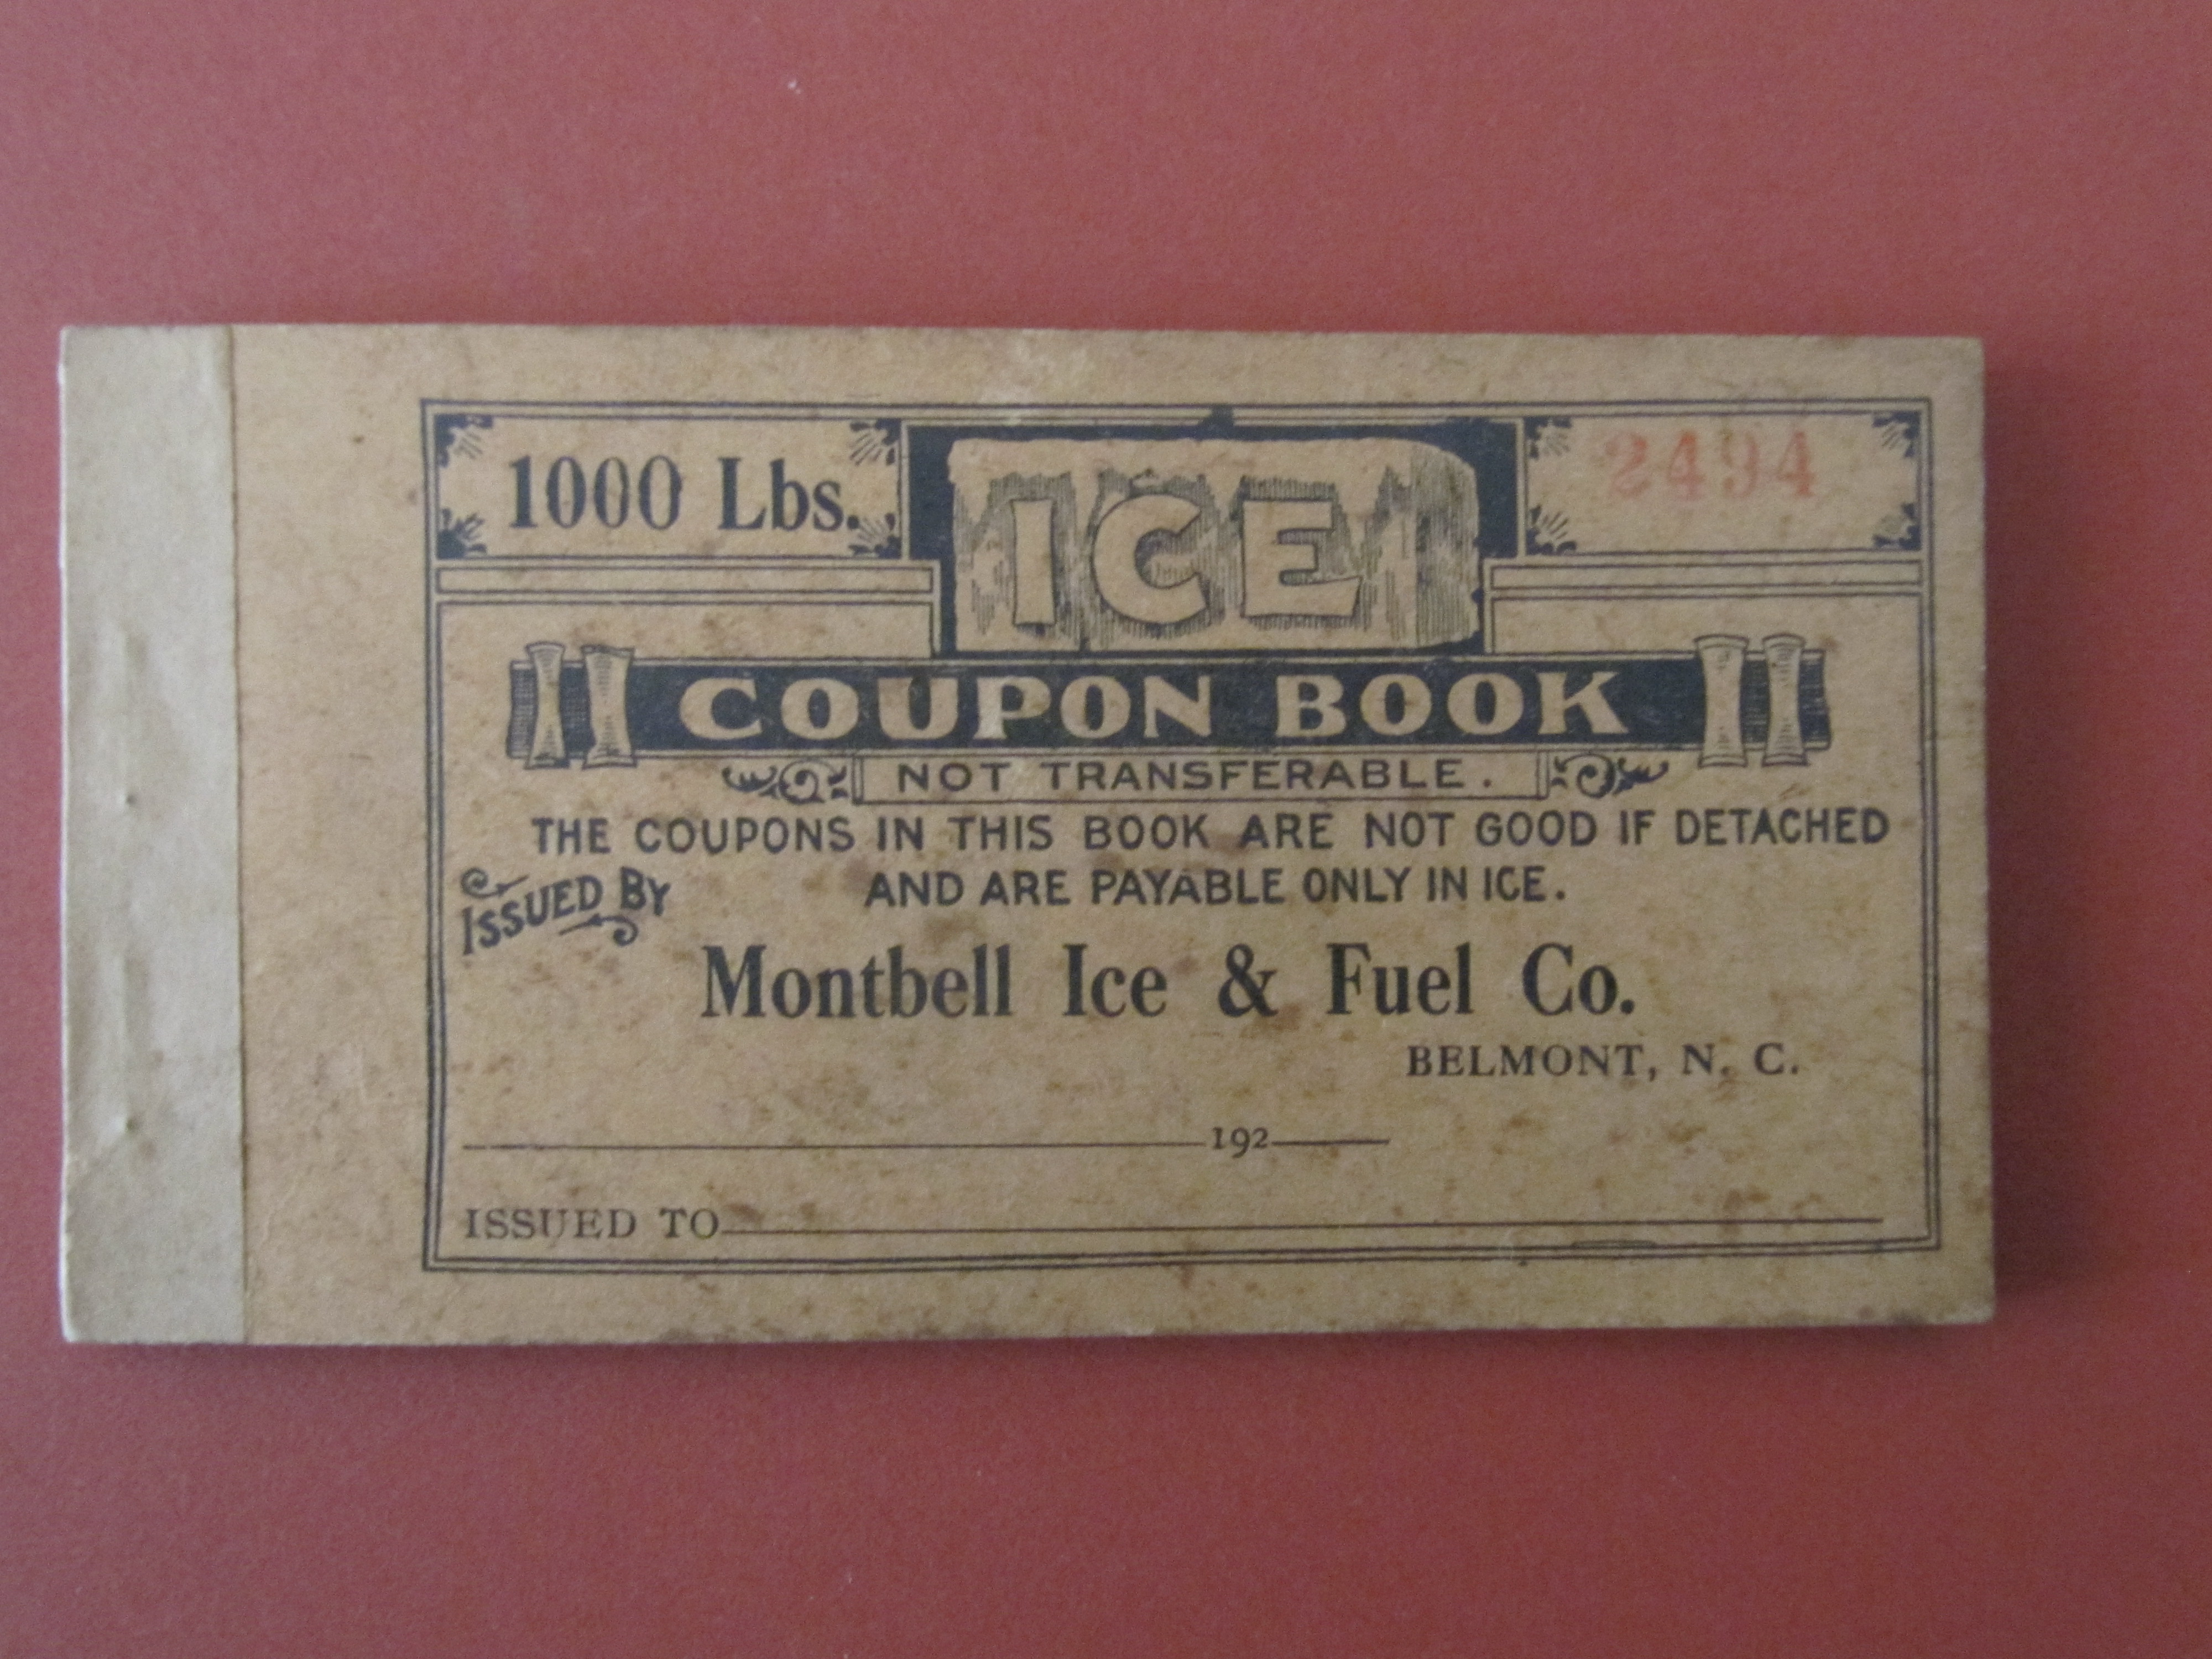 MontbellIce&Fuelco500_BelmontNC